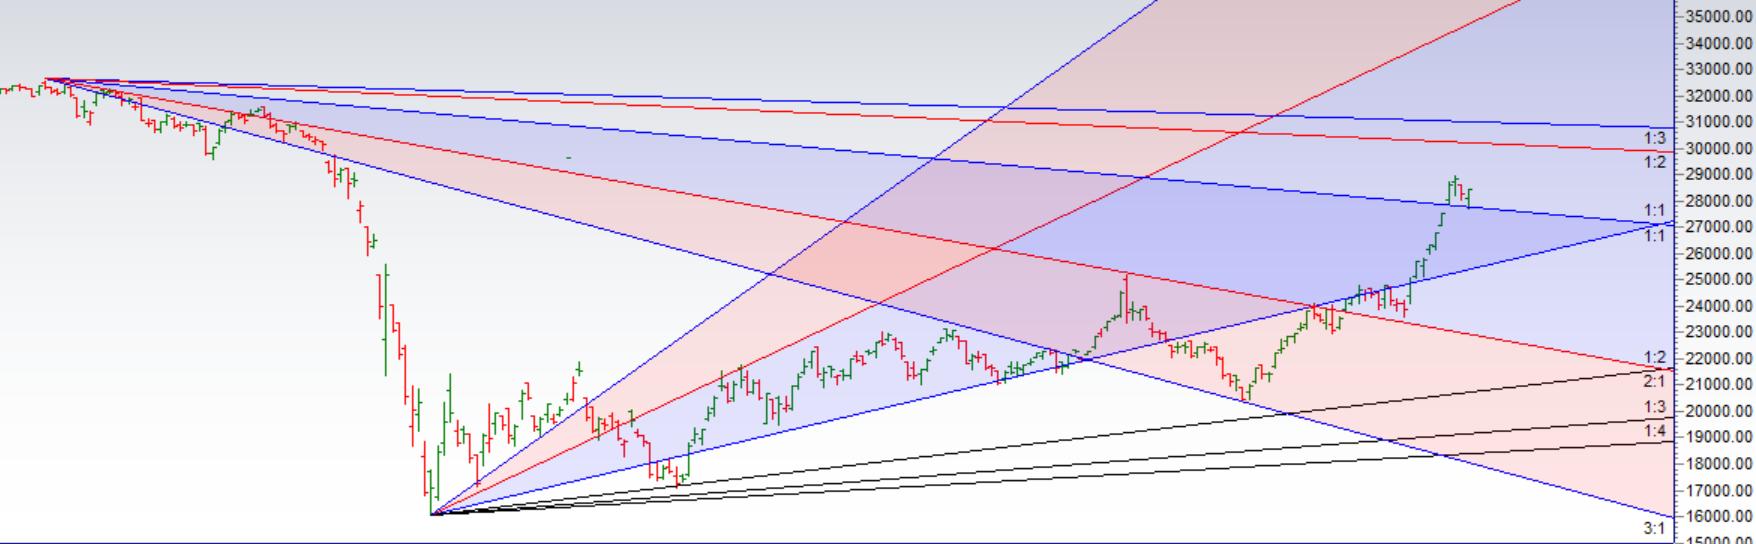 Bank Nifty Muhurat Trading Analysis